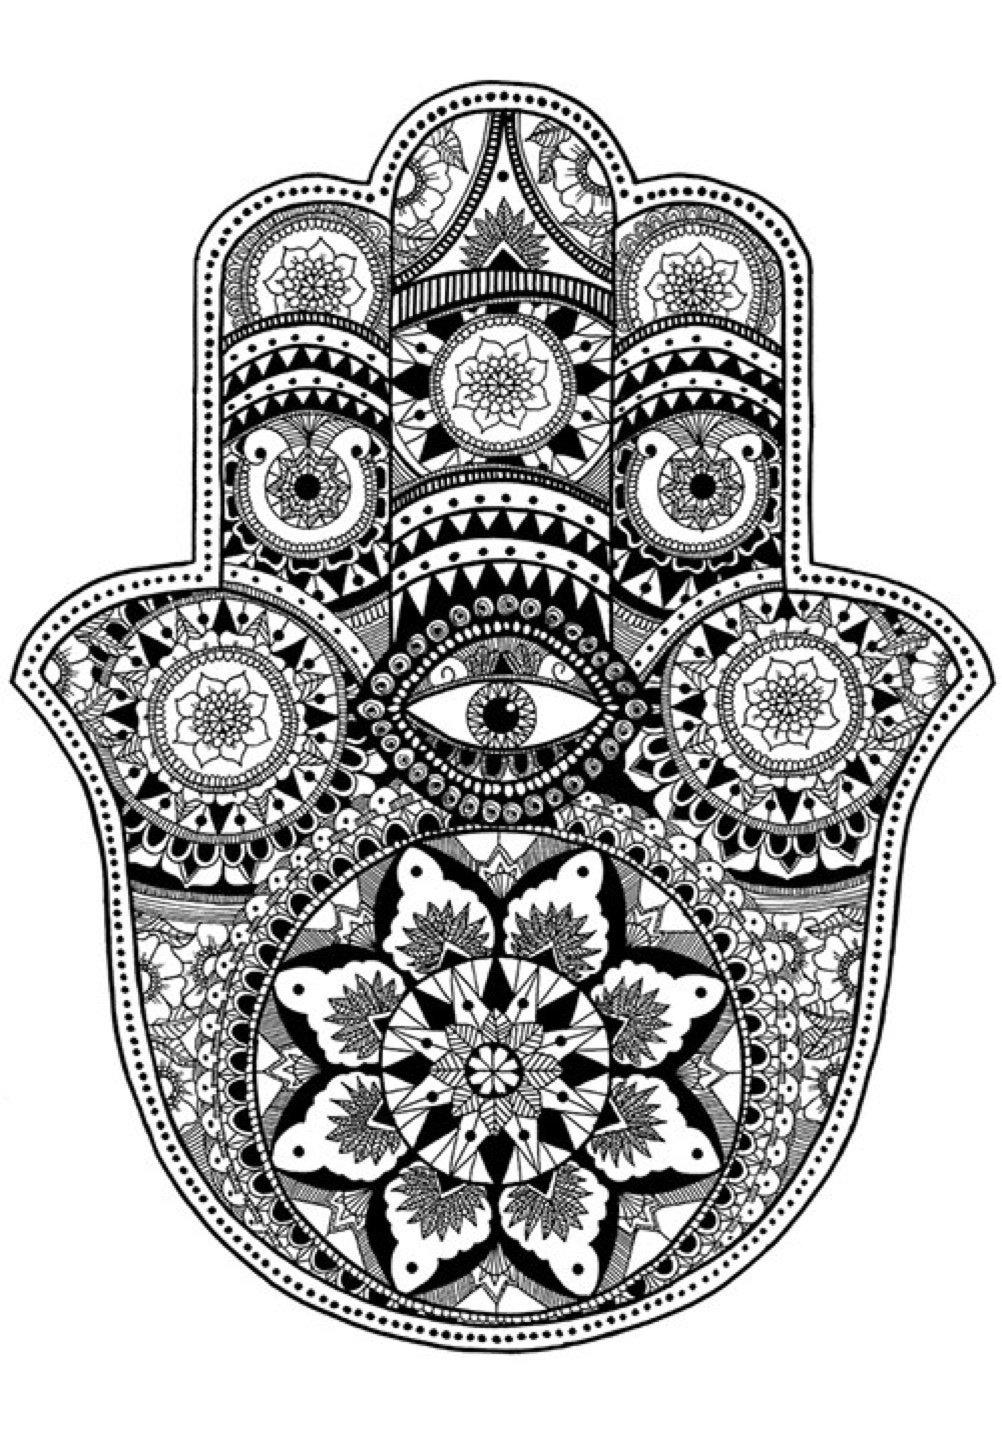 Conosciuto Mano di Fatima tattoo: significato del disegno e consigli! JE88